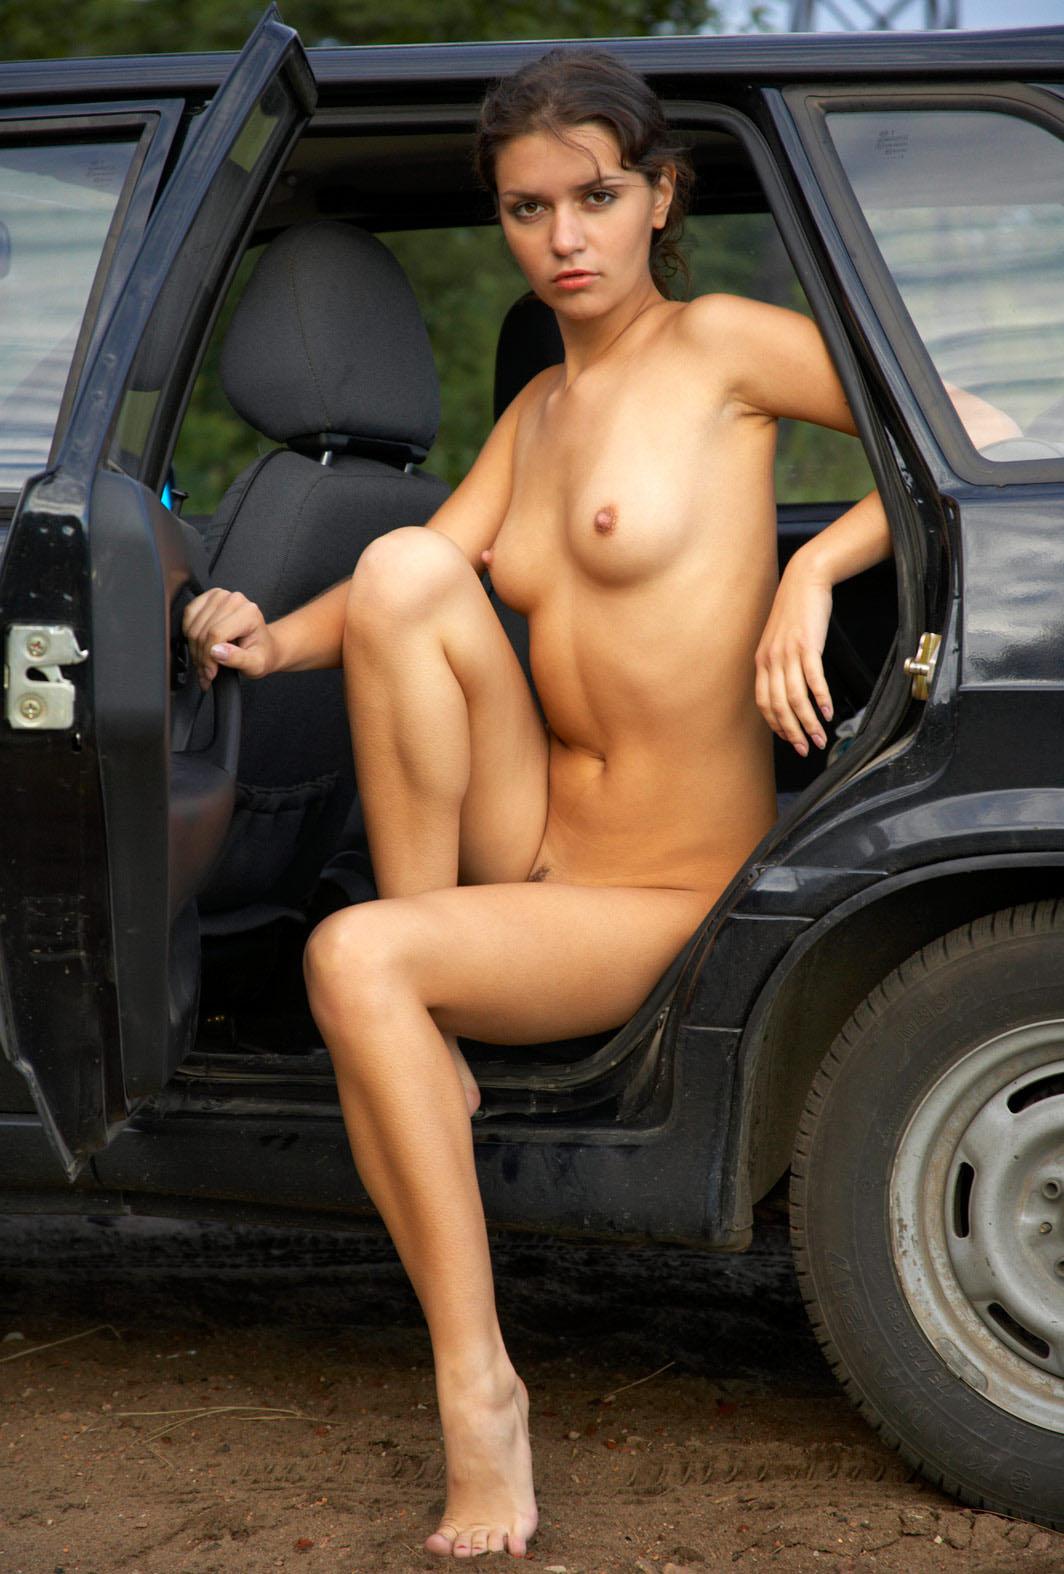 фото голых баб в авто кивнул сказал